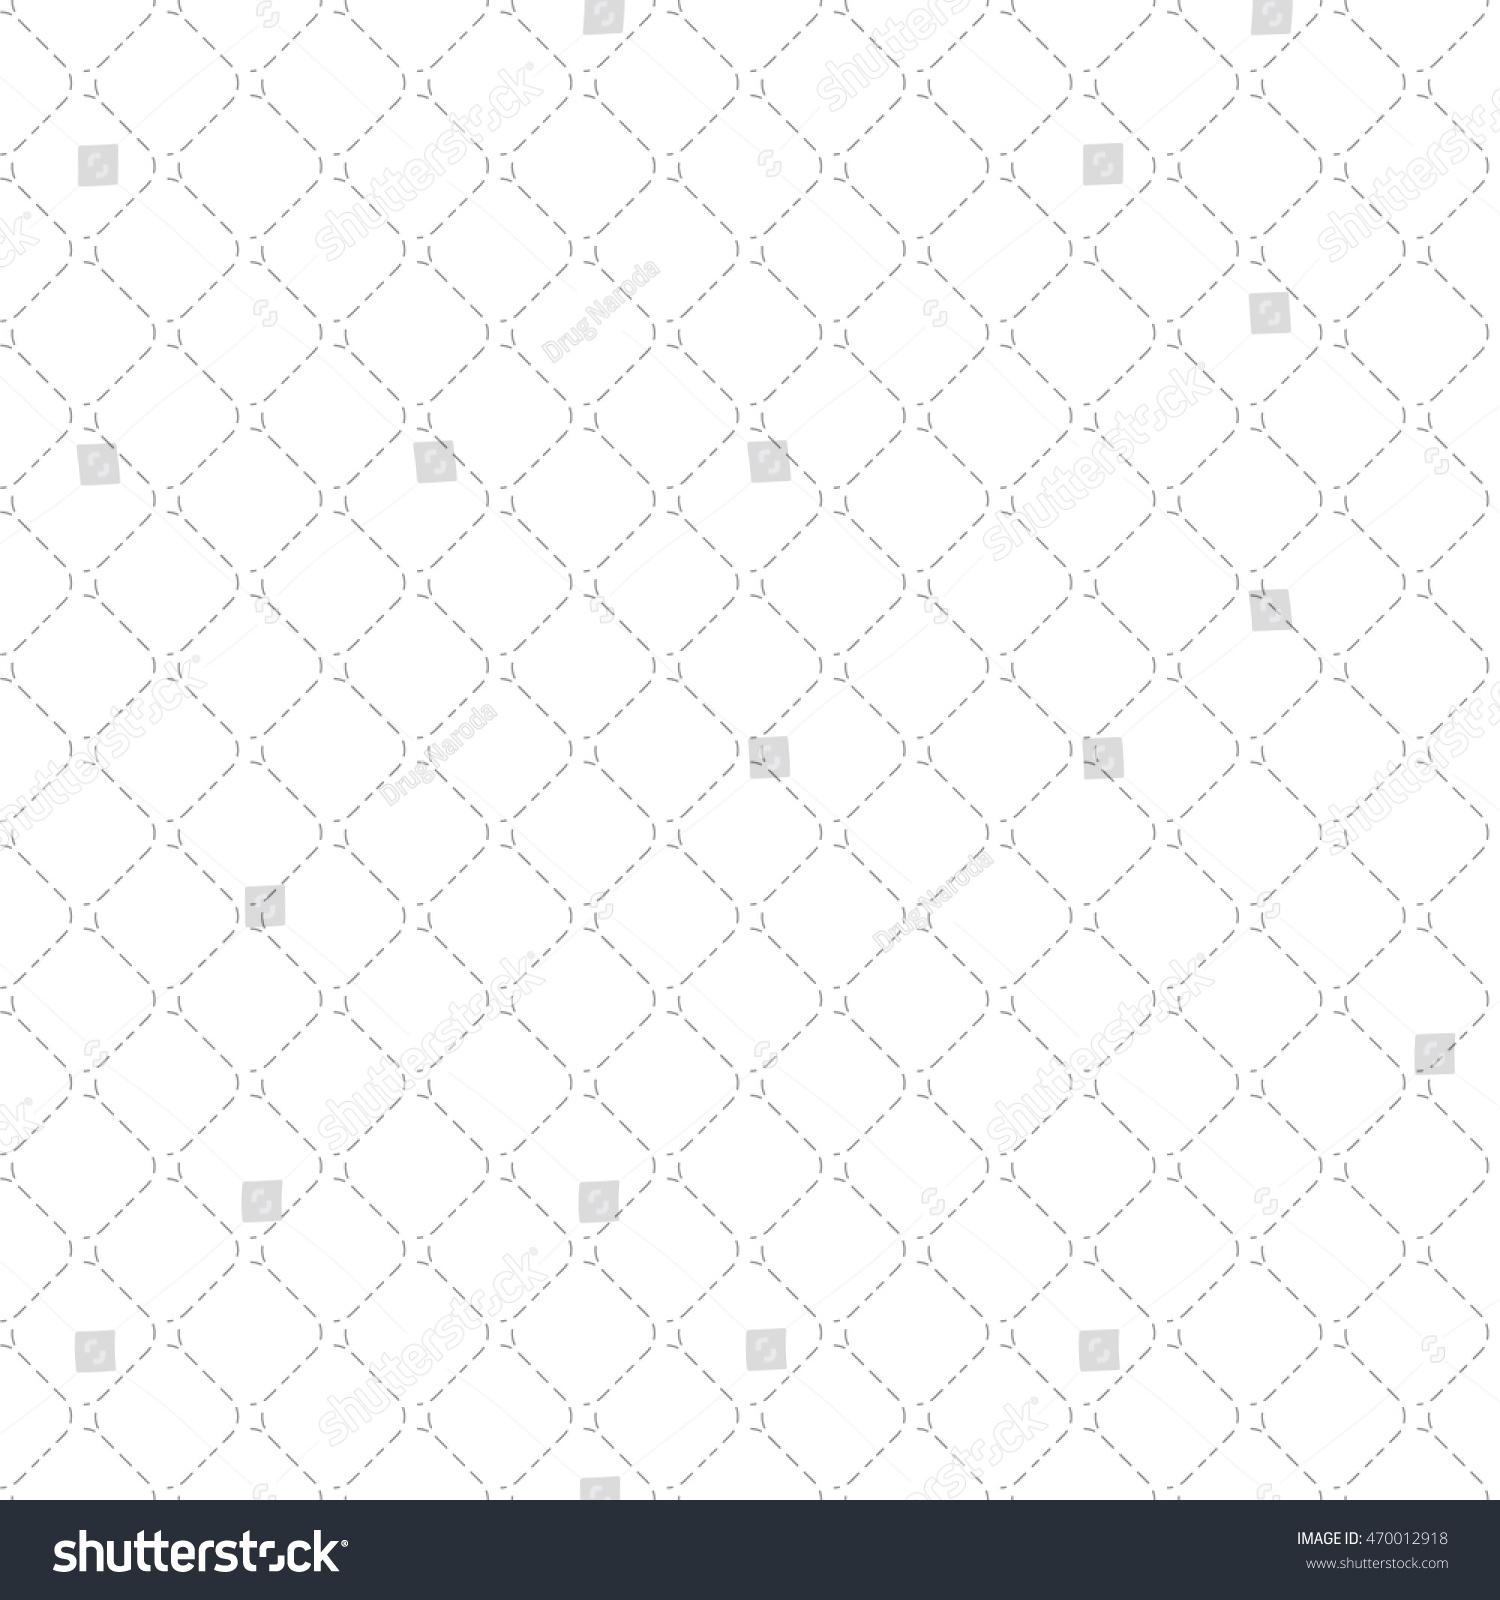 Mattress Texture Single Stitch Seamless Pattern Stock